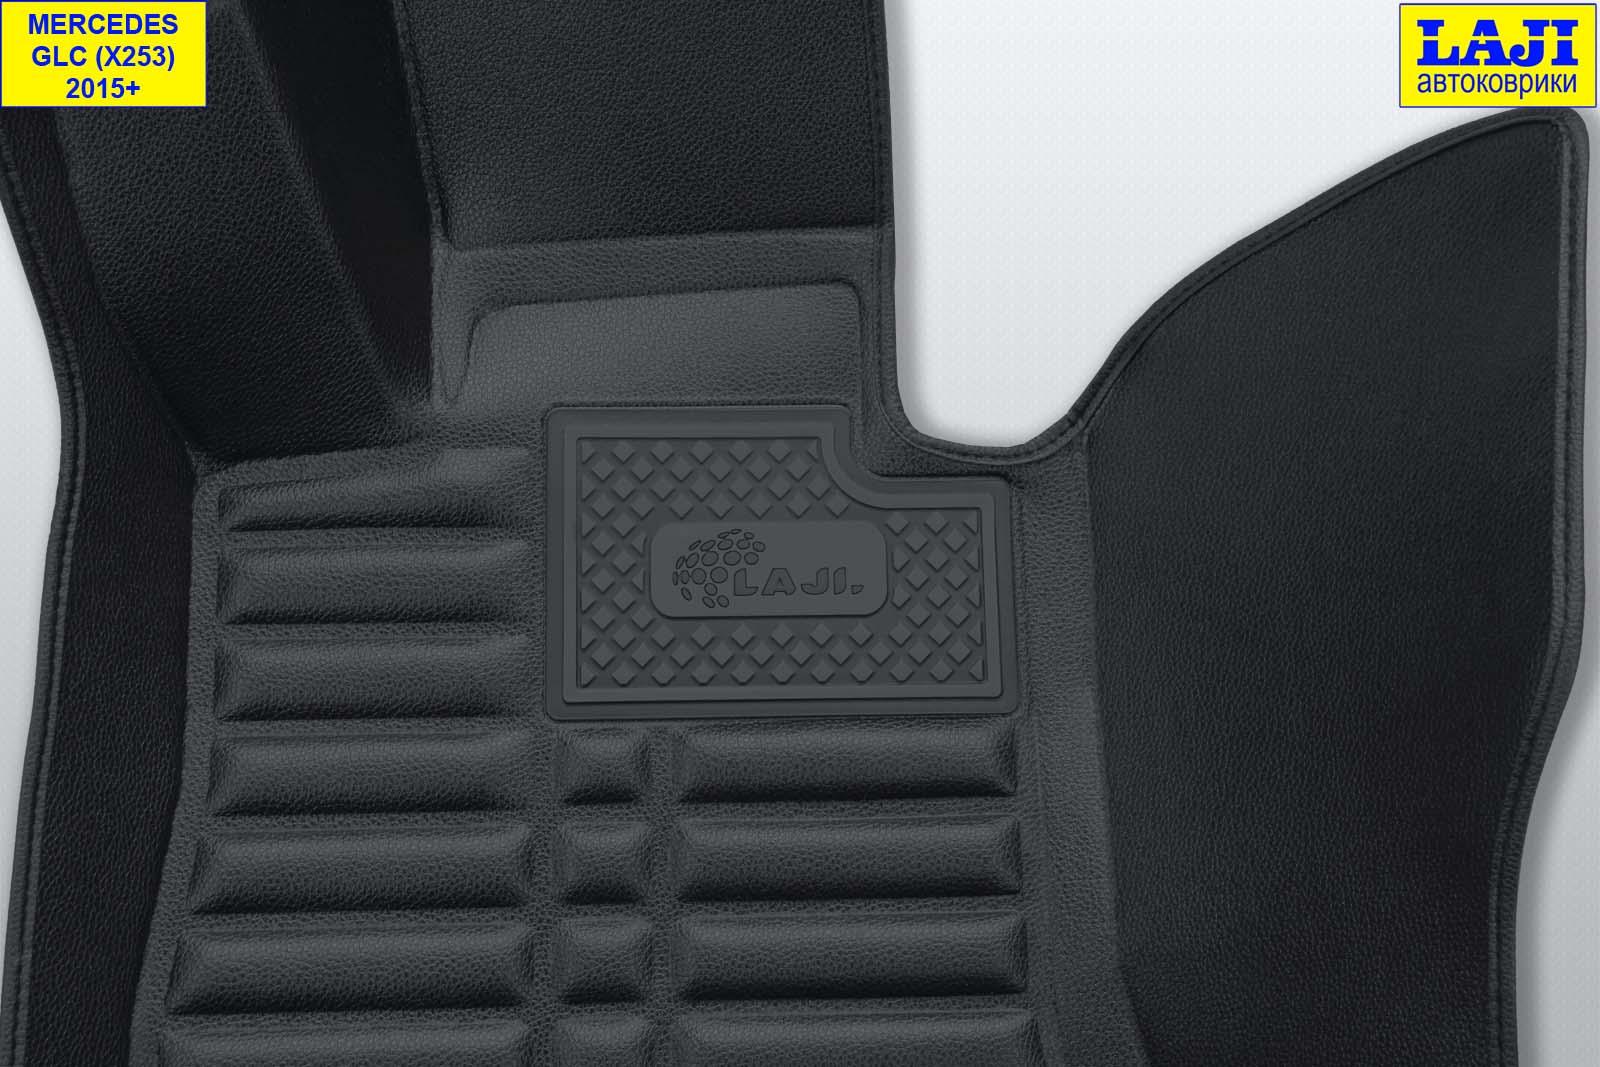 5D коврики в салон Mercedes GLC X253 2015-н.в. 7